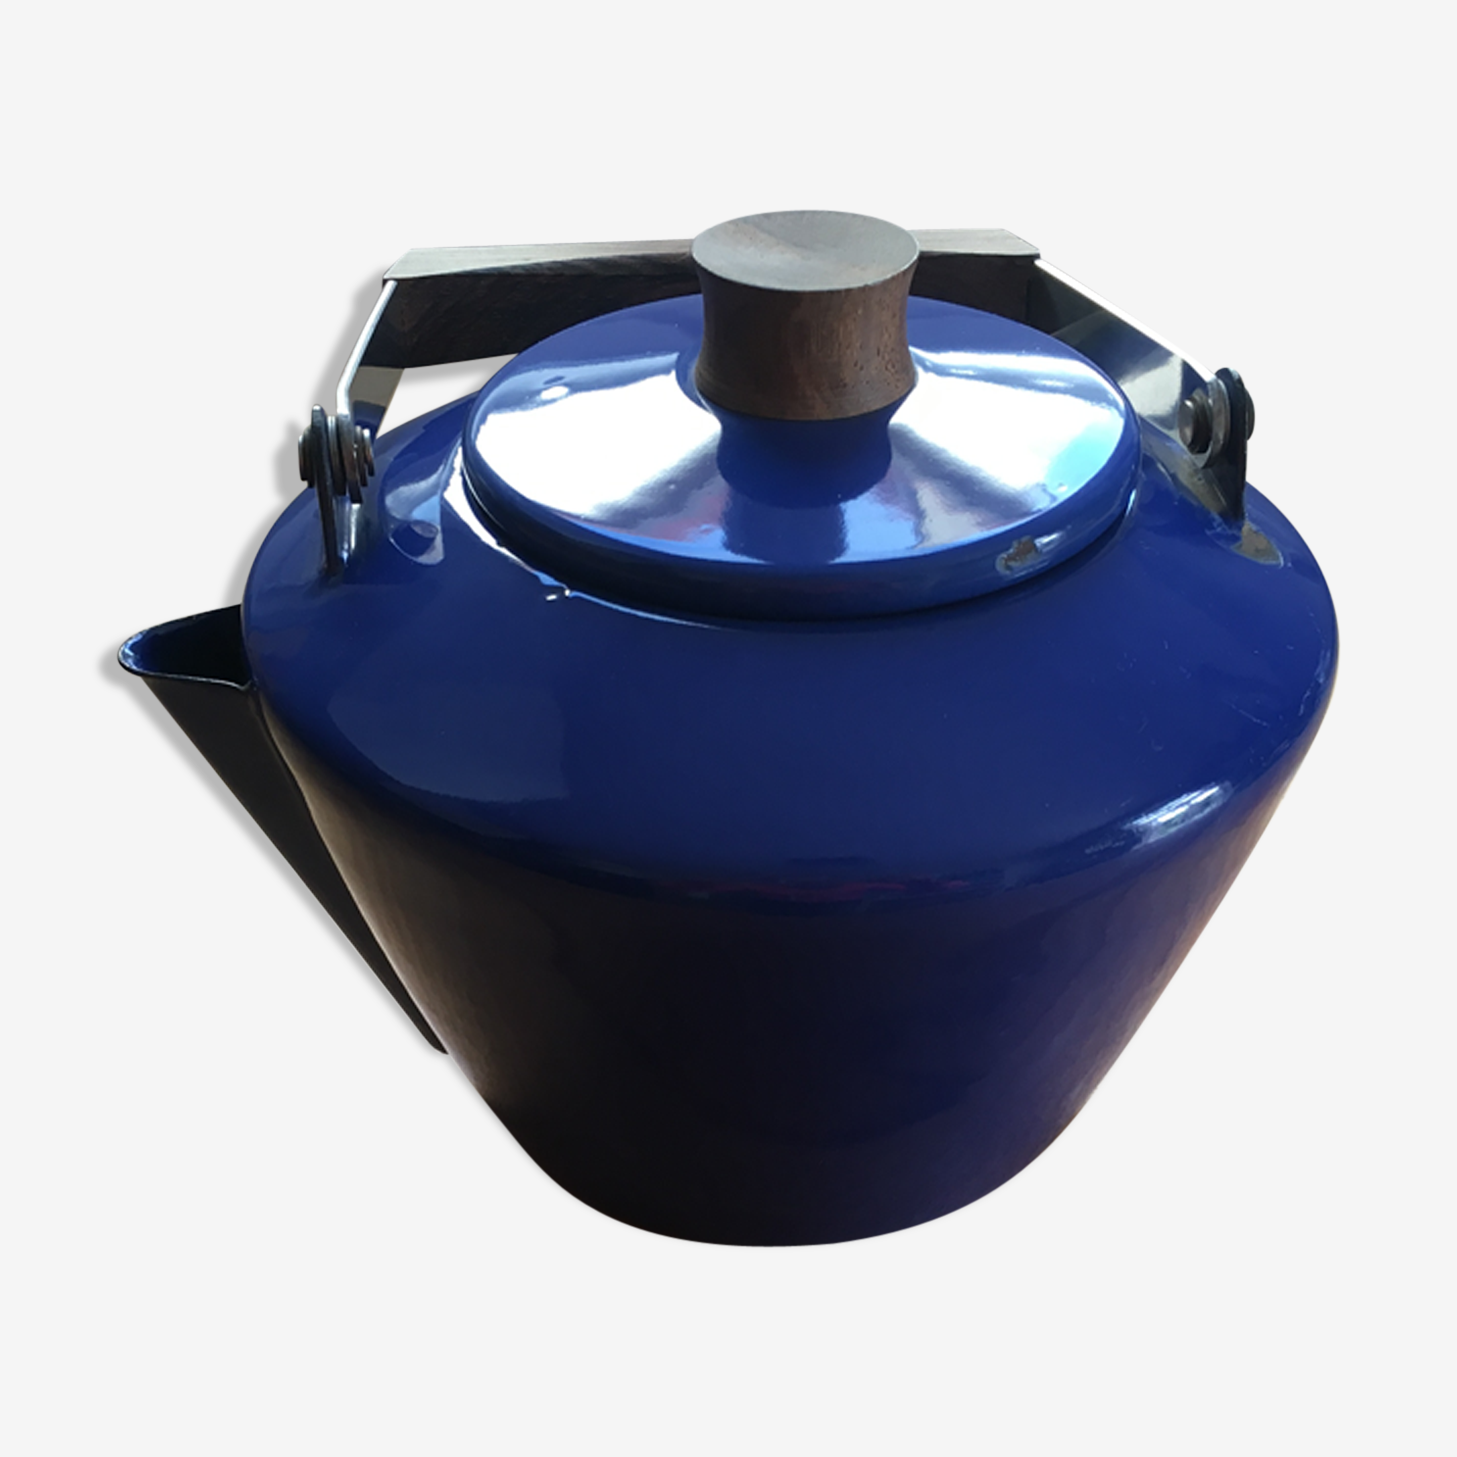 Enameled cast-iron kettle